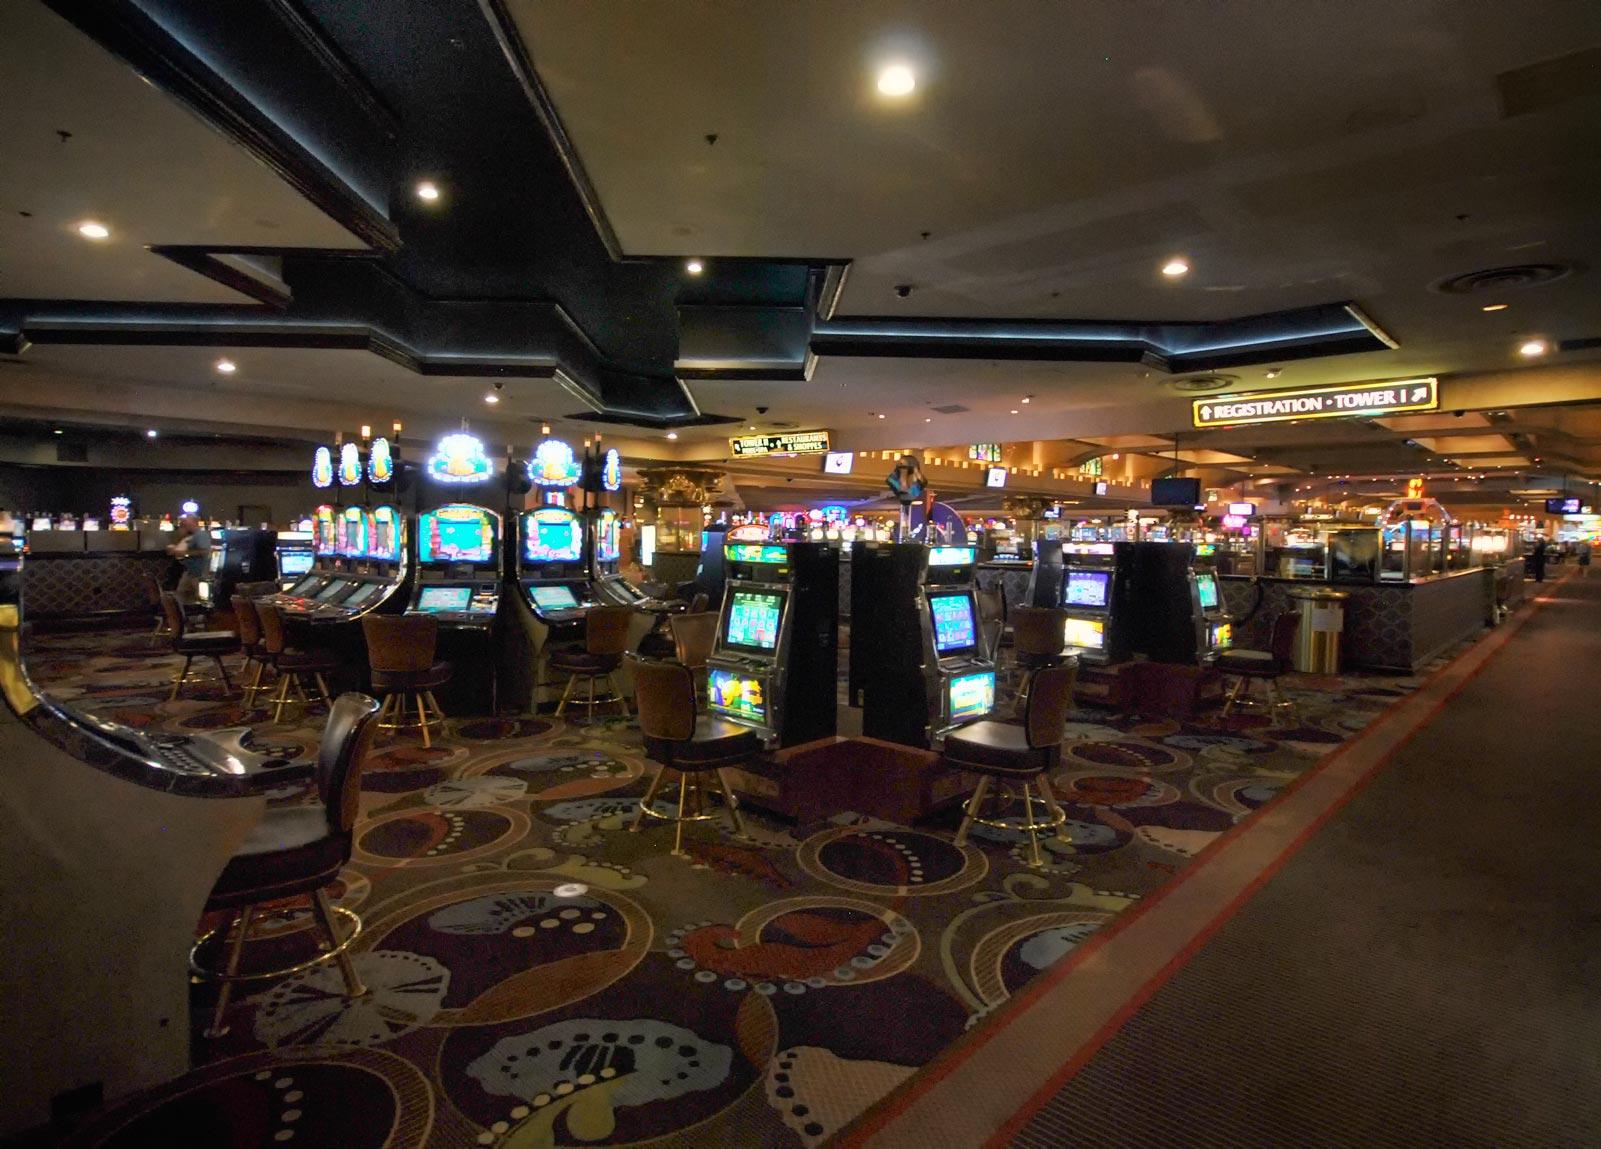 excalibur hotel y casino las vegas